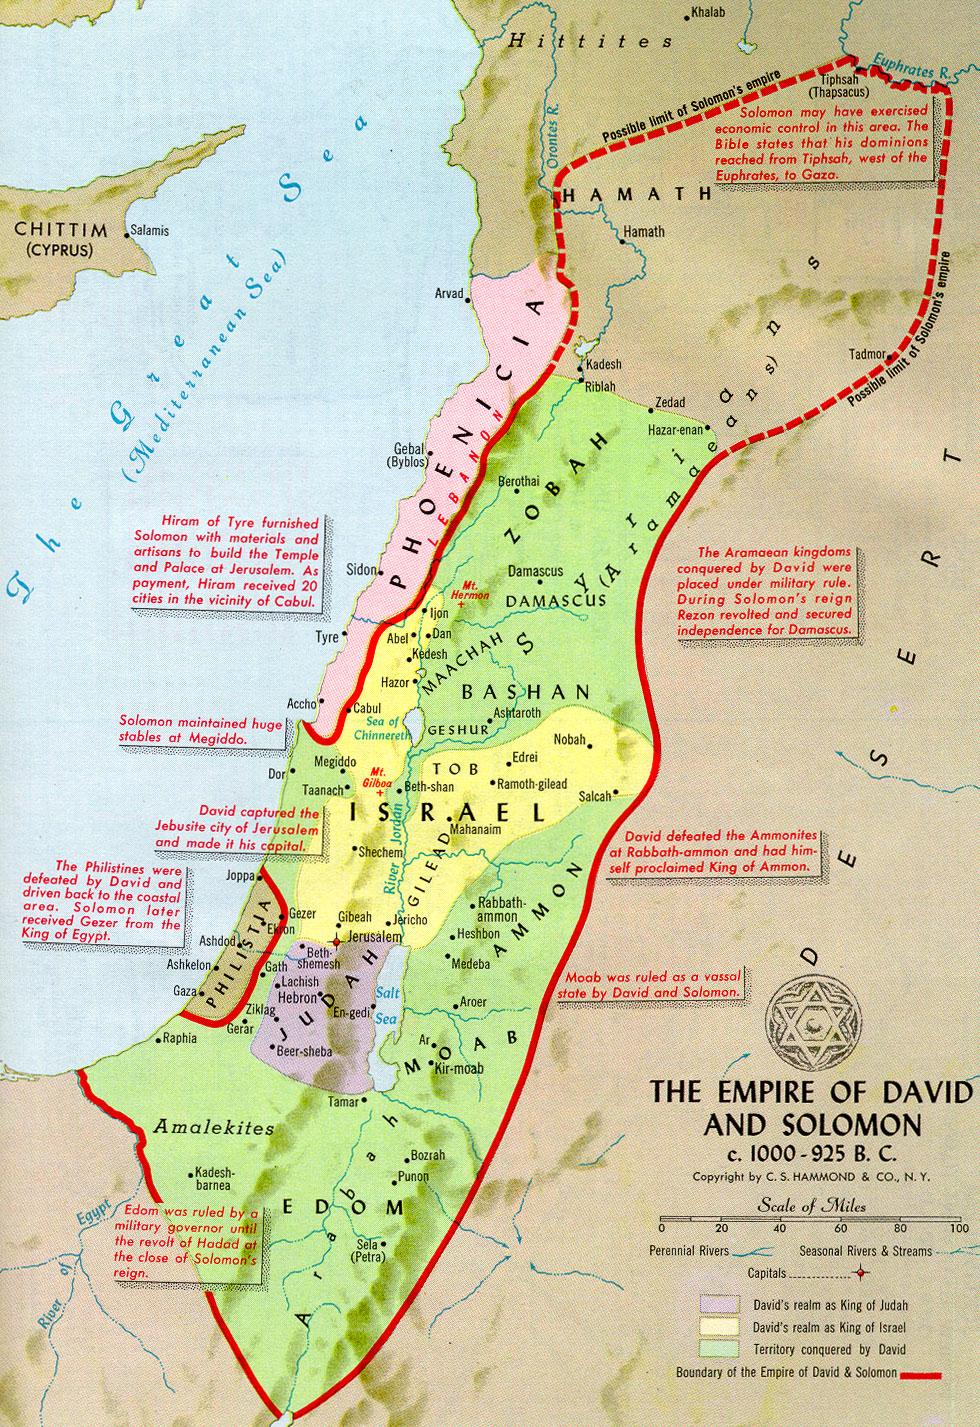 ダビデとソロモンの王国が支配した領土